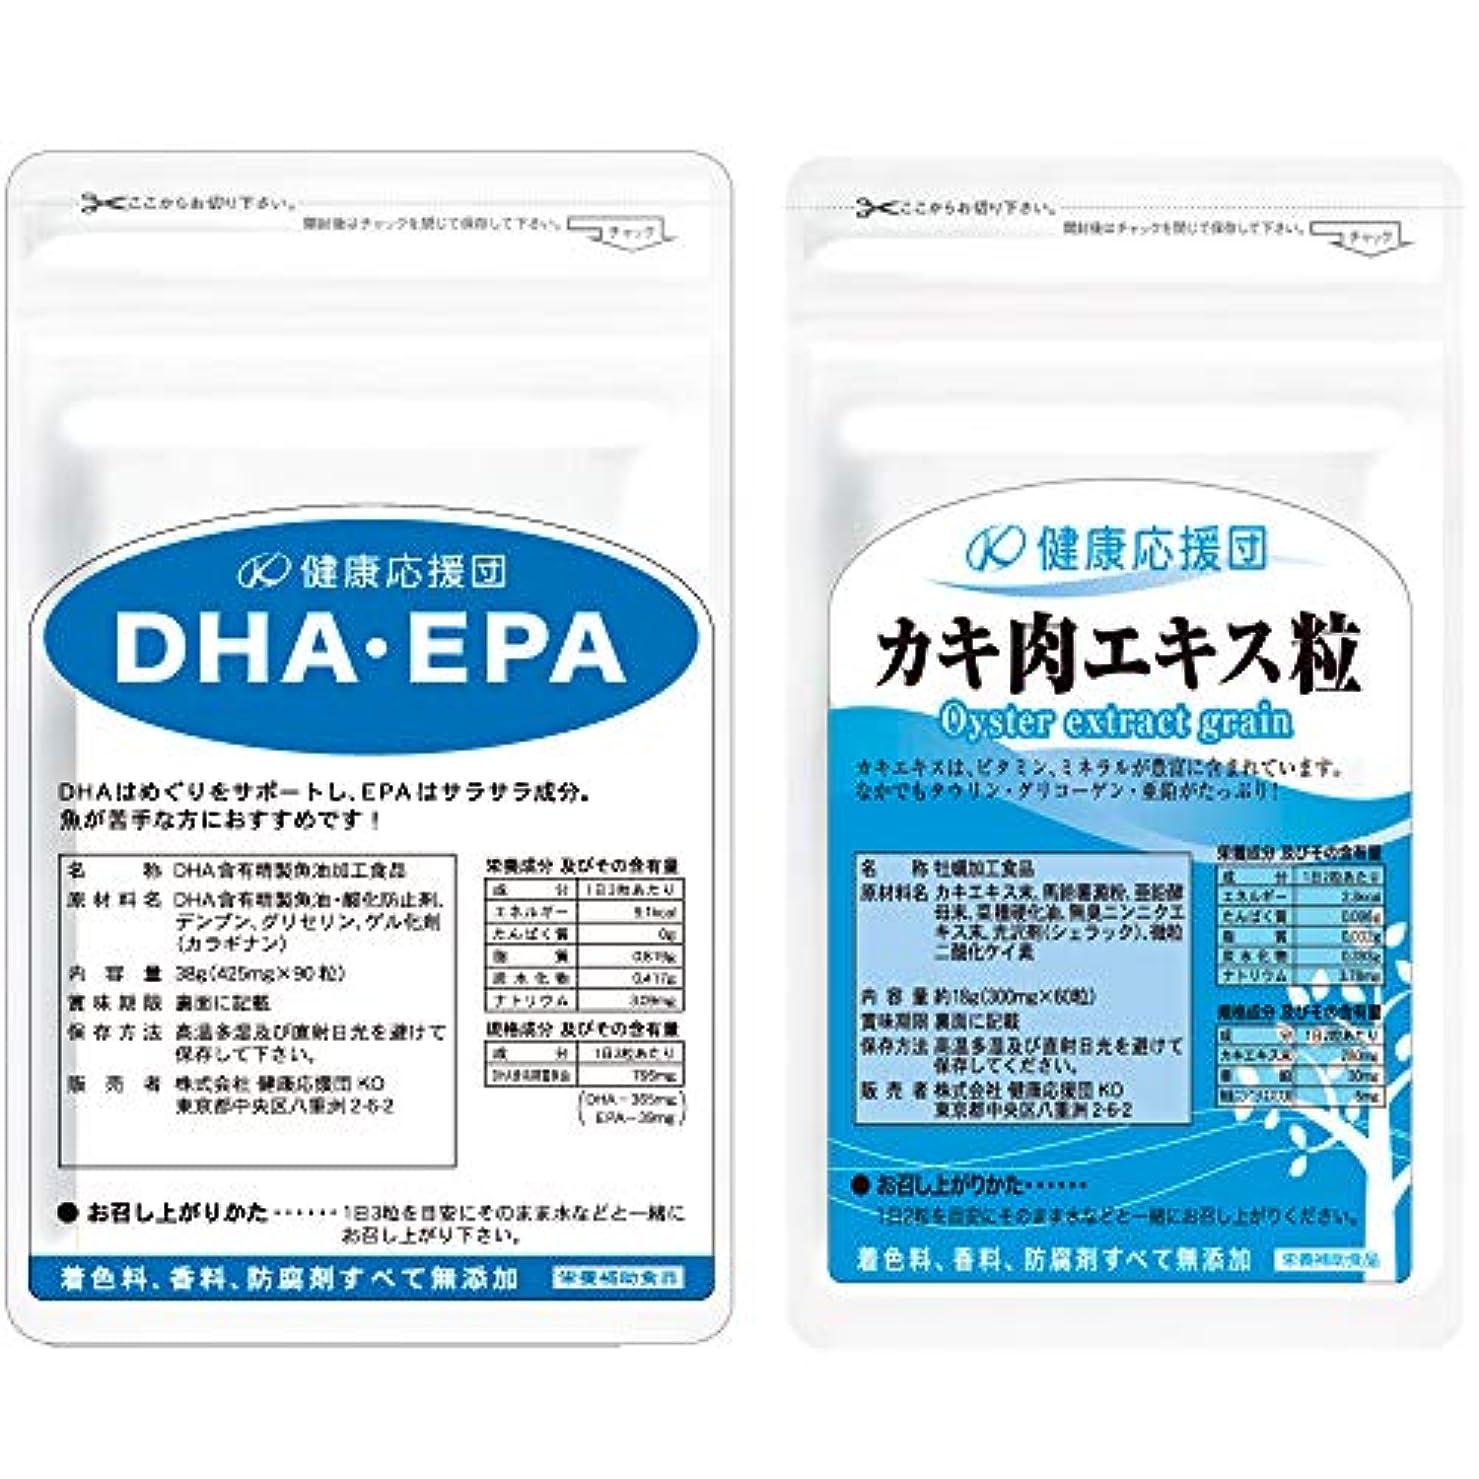 フロー無し協力【DHA?EPA】&【濃縮牡蠣エキス粒】 肝臓の応援セット!肝臓の数値が高めの方にお勧め!